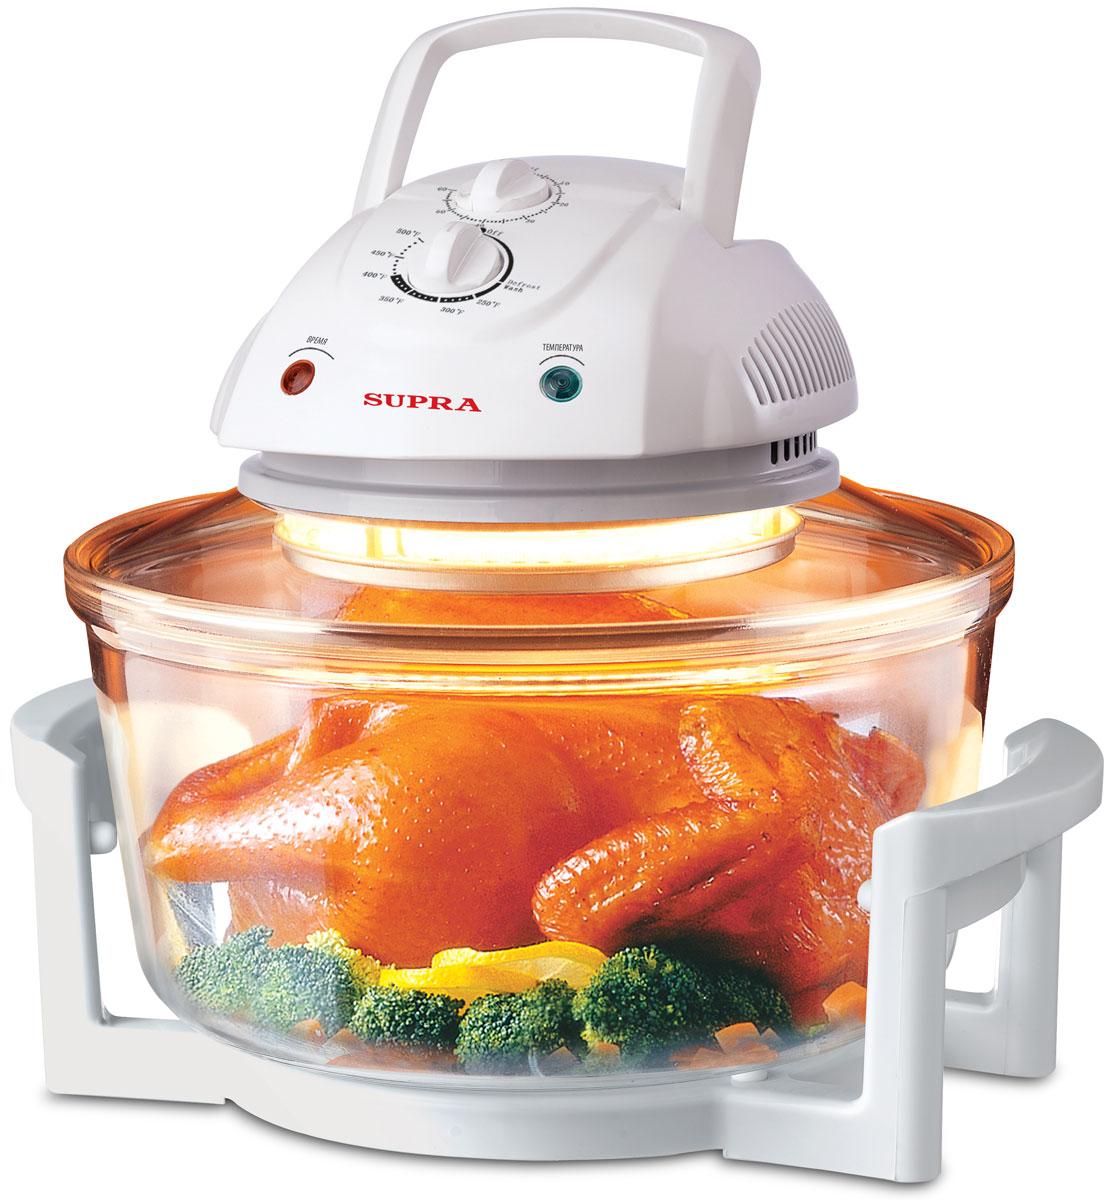 Supra AGS-1101, White аэрогрильAGS-1101Аэрогриль Supra AGS-1101 совмещает в себе функции духовки, кухонной плиты, жаровни и т.д. Можете себе представить, что вы возвращаетесь с работы и готовите обед для всей семьи всего за полчаса? Вам не нужно разогревать сковородку, мешать суп, переворачивать мясо, поливать жареное мясо соусом. Теперь это возможно.Здоровая пища помогает вам оставаться в форме и не набирать лишние килограммы: готовит без добавления жира! Больше не нужно лить масло для приготовления вкусной еды. Можно добавить лишь одну ложку для вкуса. Благодаря функции вентилятора с пищи сдувается до 75% жира, а все соки сохраняются внутри. Таким образом, вы едите то, что нравится, не беспокоясь о том, что это может повредить фигуре.Аэрогриль Supra AGS-1101 одновременно готовит несколько блюд без участия и контроля хозяйки - работает по выбранному режиму, выключает себя сам и сообщает об этом звонком, тем самым избавляет от необходимости мыть плиту, жирные сковородки и кастрюли. Устройство готовит все и в любой посуде (кроме пластиковой и деревянной): жарит на решетке, жарит во фритюре,жарит шашлык, готовит домашнюю ветчину, варит каши, супы, тушит овощи, томит как русская печь, делает горячее и холодное копчение, размораживает, подогревает готовые блюда, поднимает тесто, стерилизует домашние заготовки, варит варенье прямо в банках, сушит зелень, фрукты, грибы и ягоды, делает йогурт, топит сало, варит глинтвейн, жарит семечки, орехи, кофе и многое другое!Конвекционная печьДиапазон термостата: 65-250°СВместимость колбы: 300 мм (диаметр) х 150 ммЖаропрочная стеклянная чашаТермоизолирующая подставка чаши